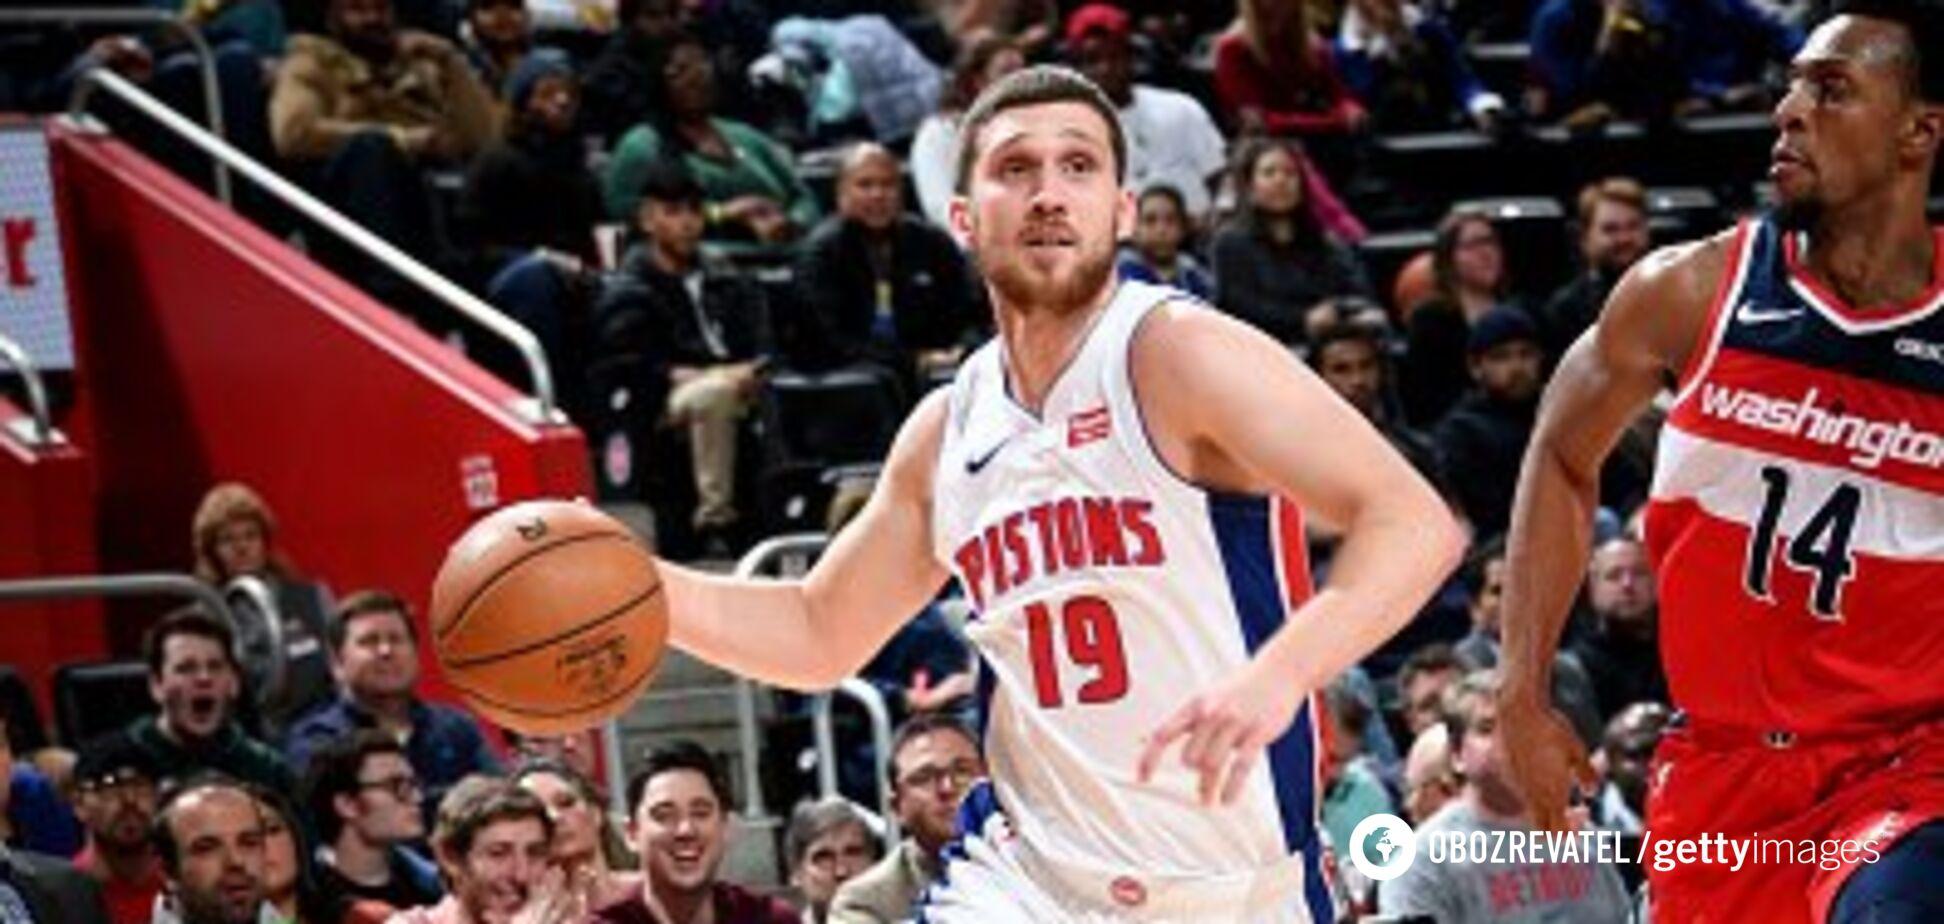 Українець Михайлюк виконав ефектні триочкові в НБА